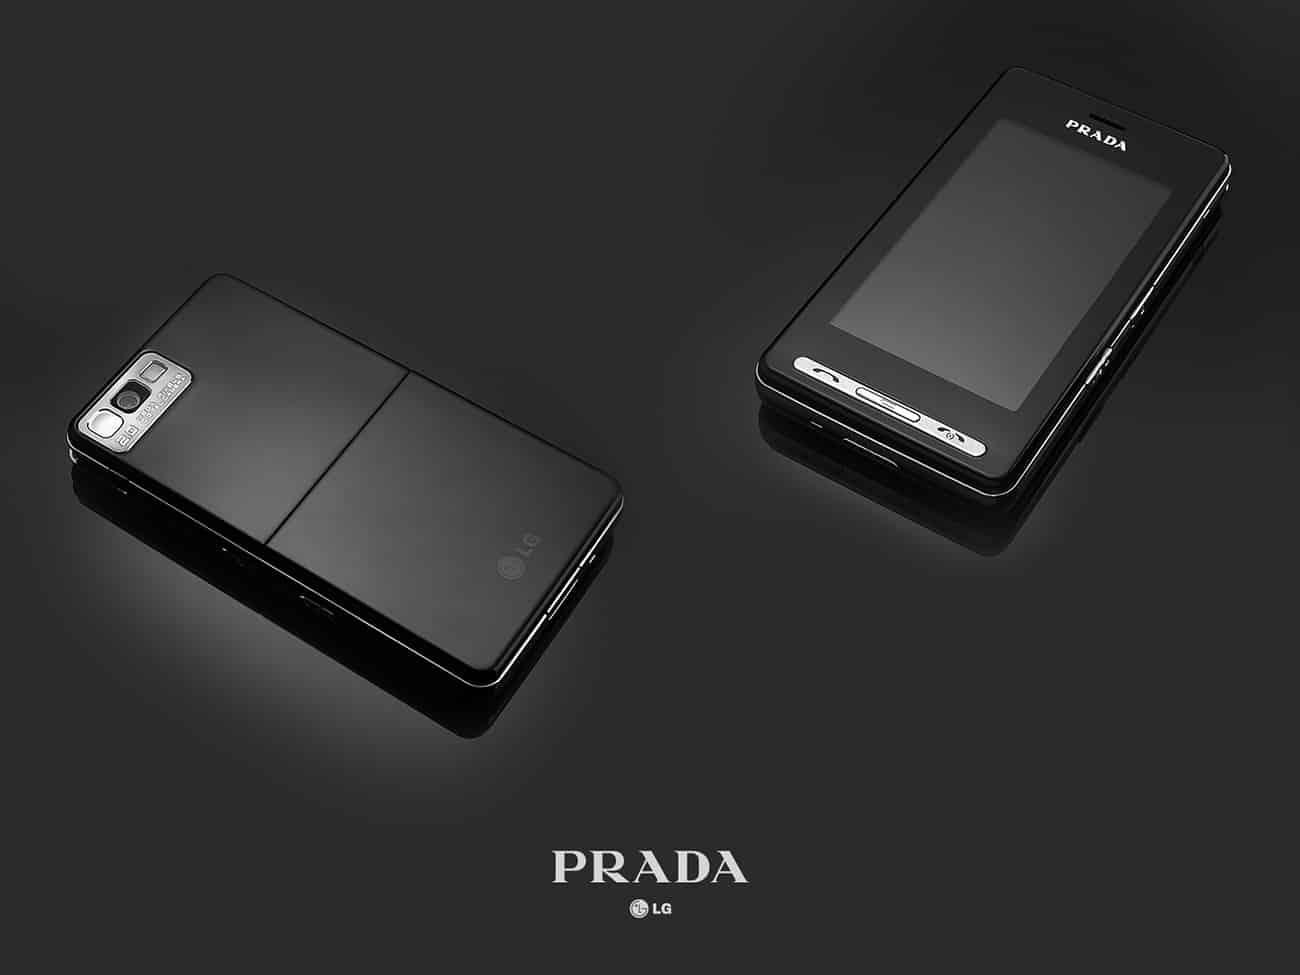 2007년에는 명품 브랜드 '프라다'와의 협업을 통해 내놓은 세계 최초 풀스크린 터치폰 '프라다폰'